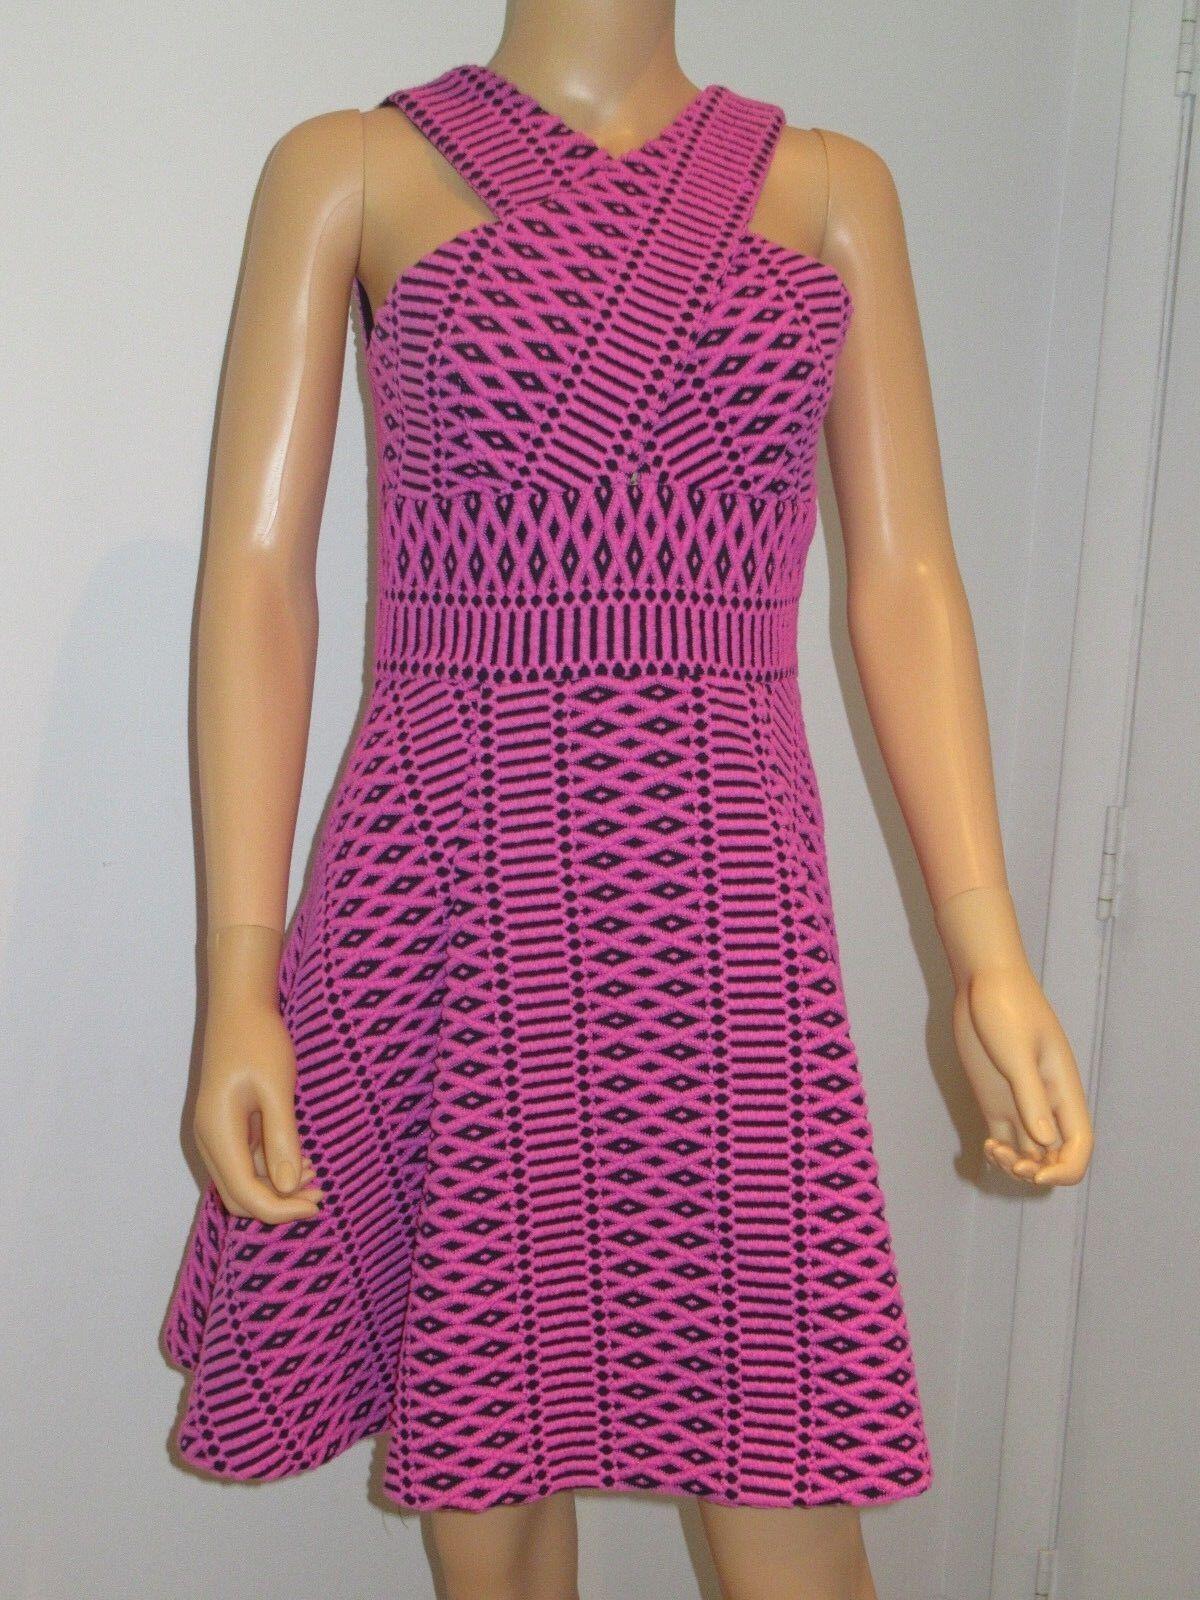 Hunter Bell Womens Laura Jacquard Criss Cross Dress Magenta Pink 4